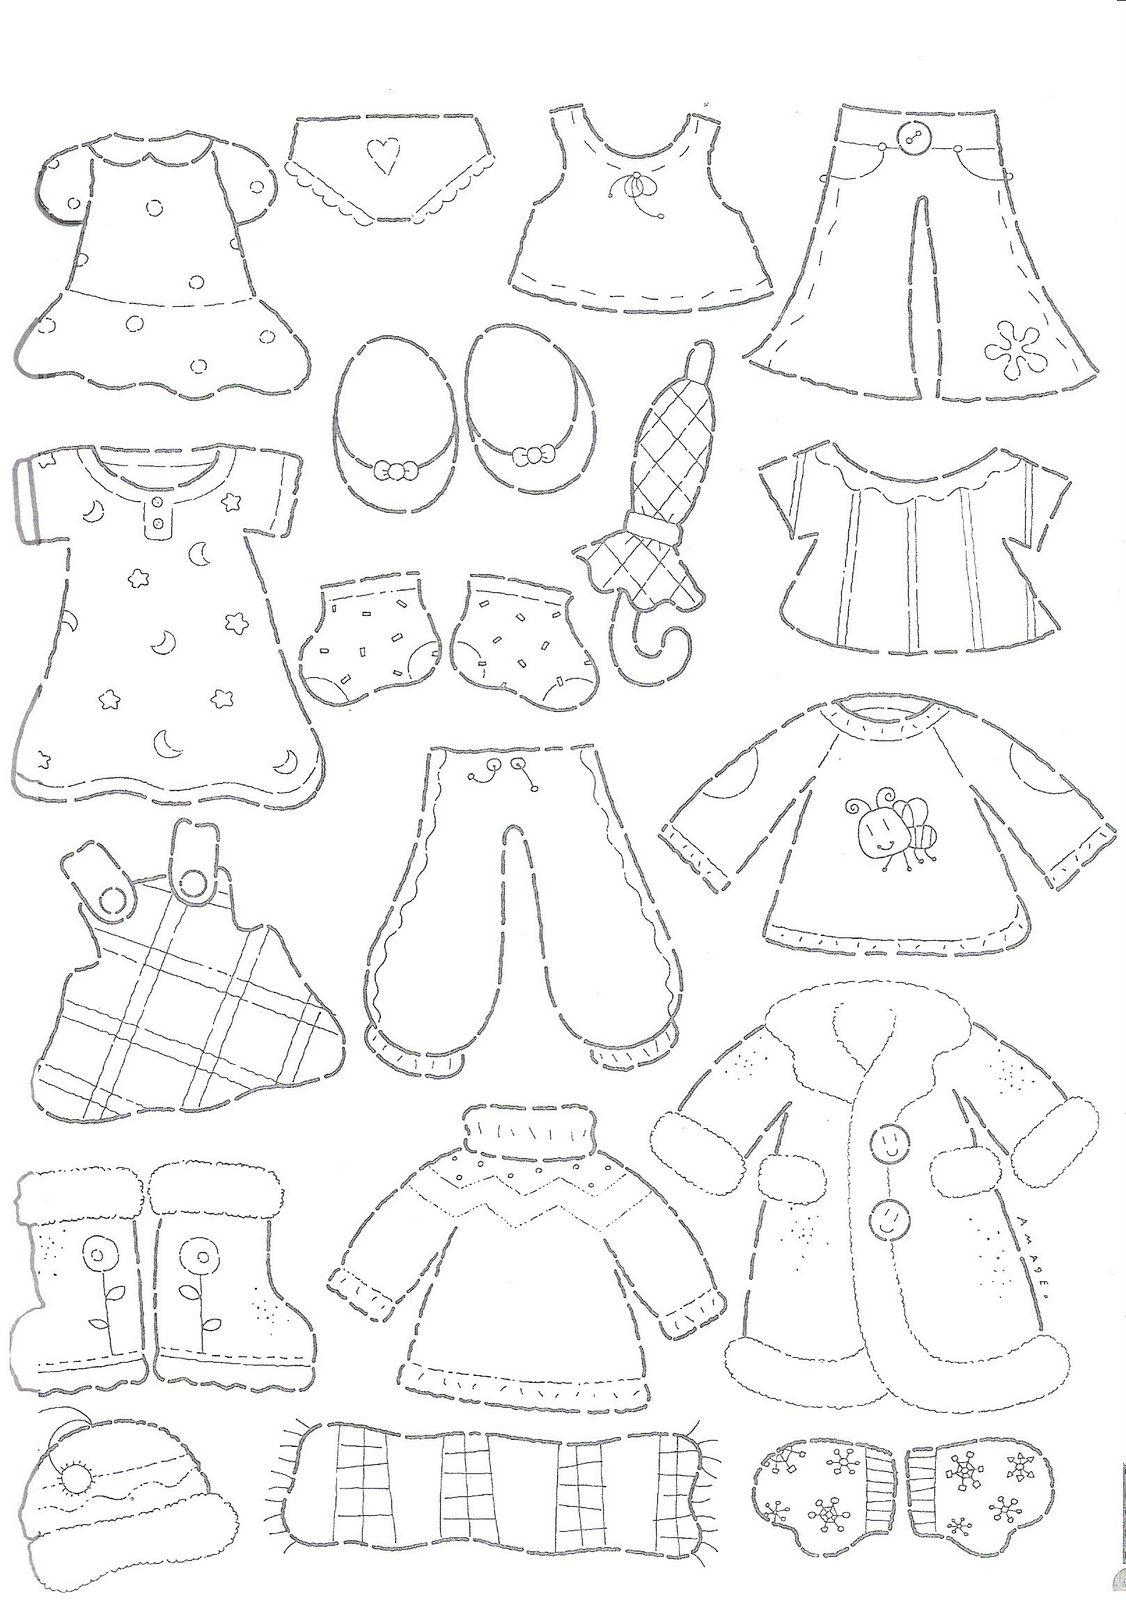 Mi colección de dibujos: ♥ Dibujos de ropa